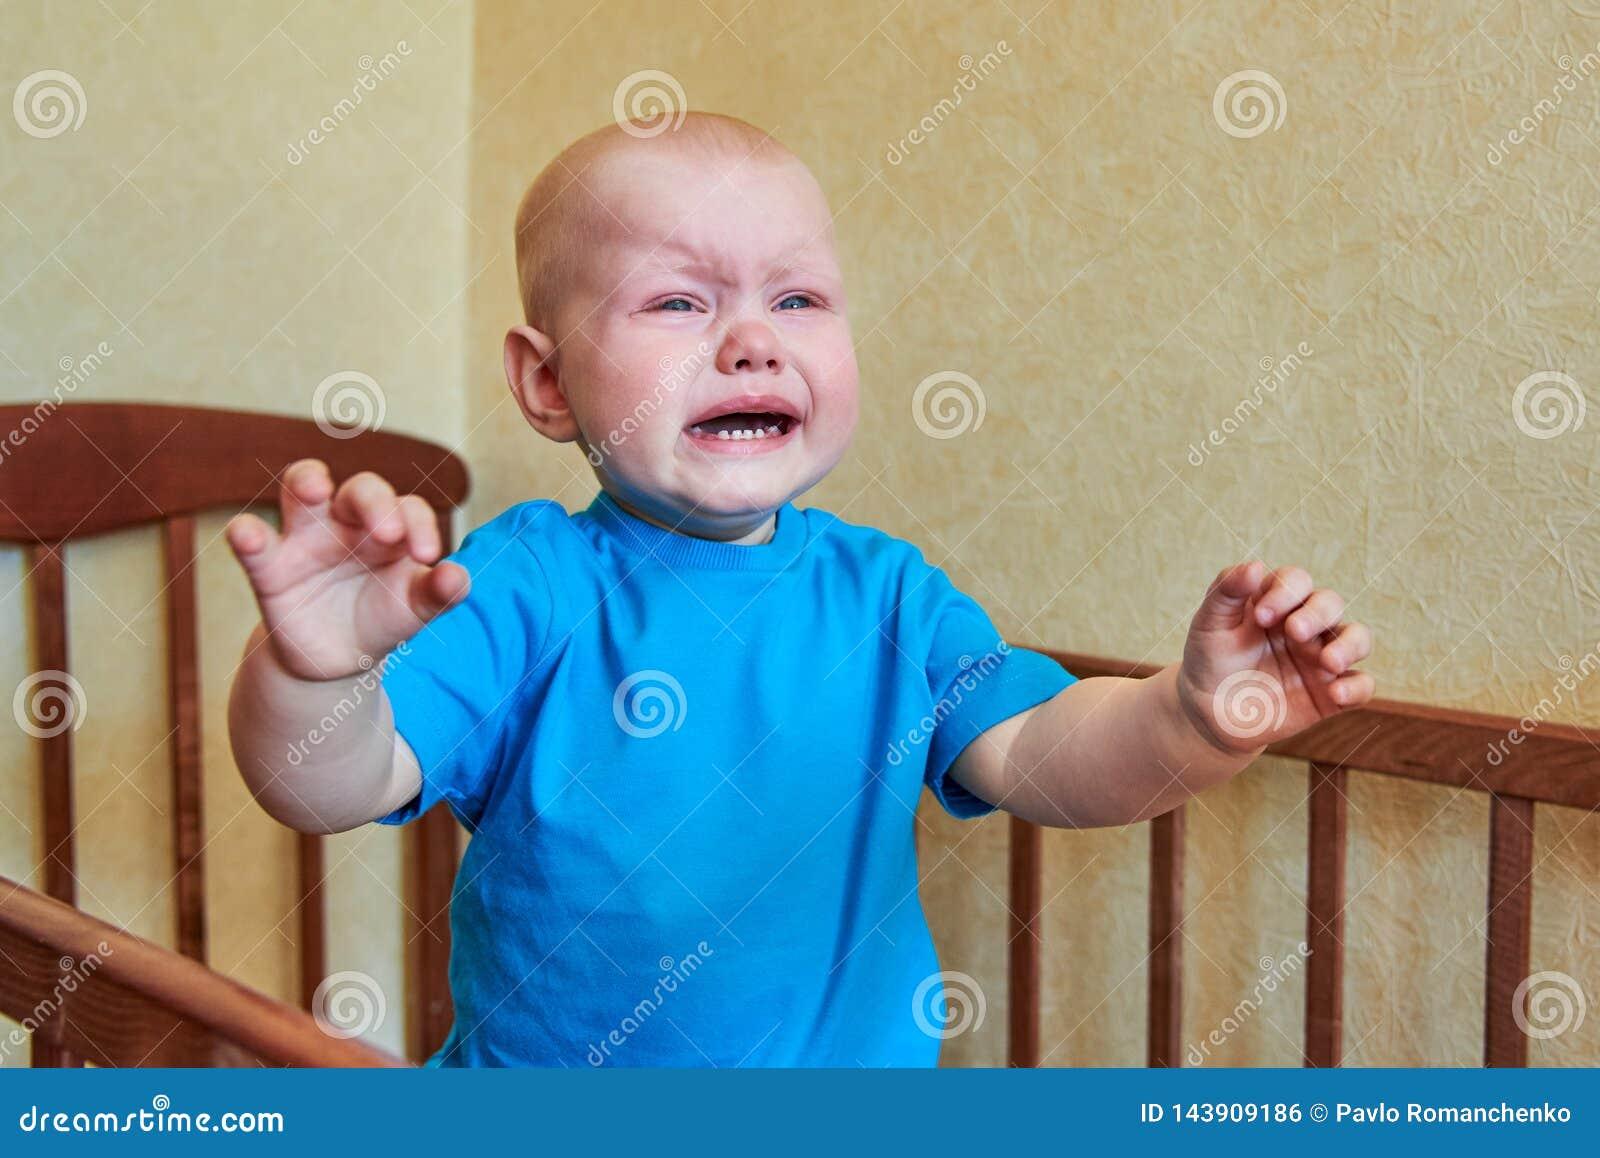 一个小男孩在小儿床站立,哭泣并且告诉母亲